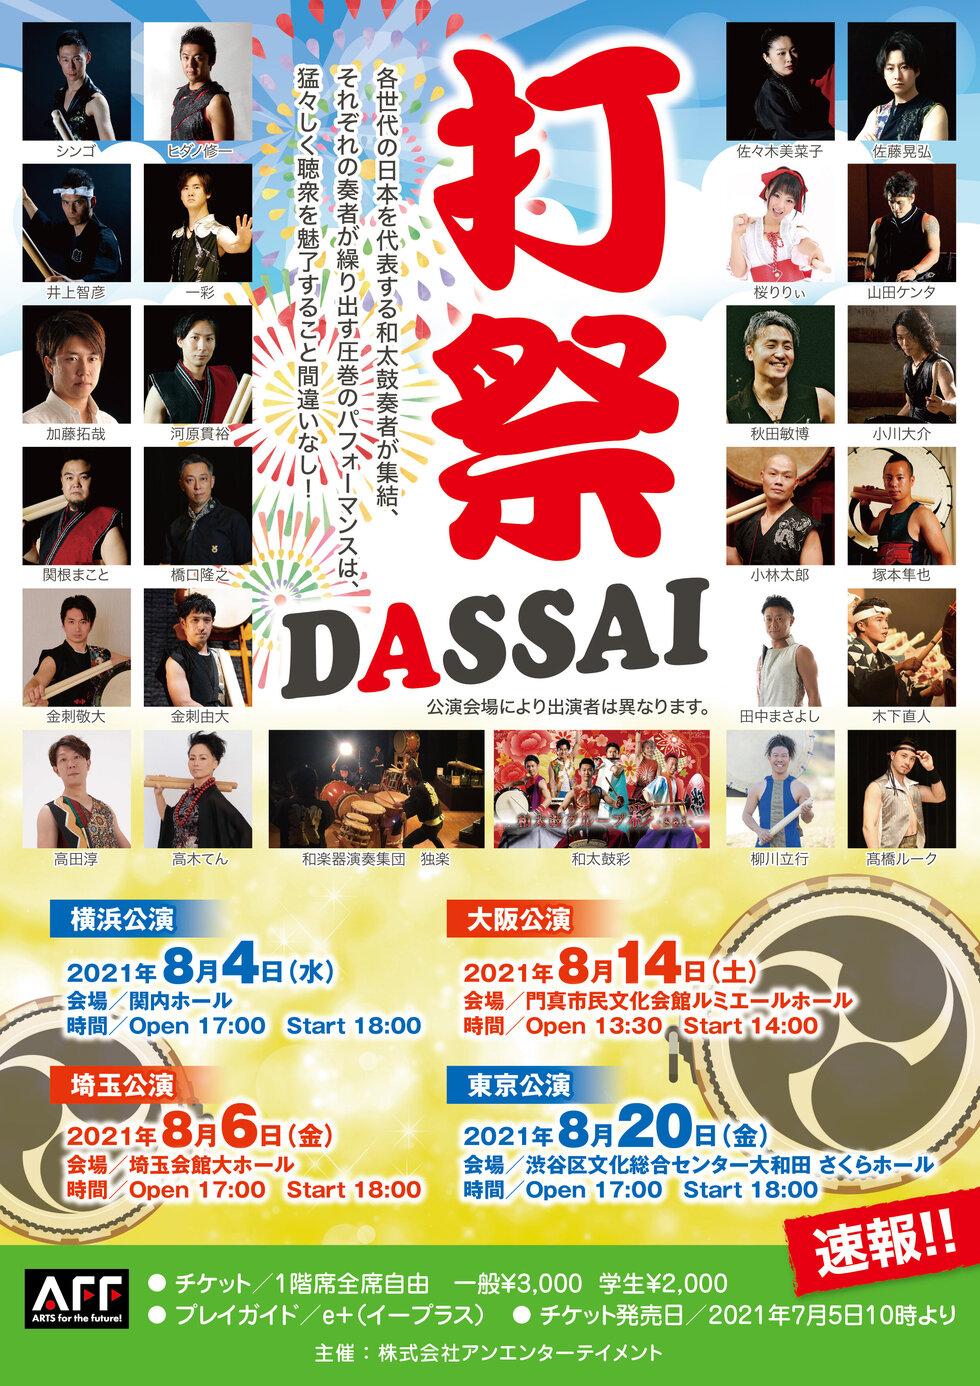 打祭 -DASSAI-の写真